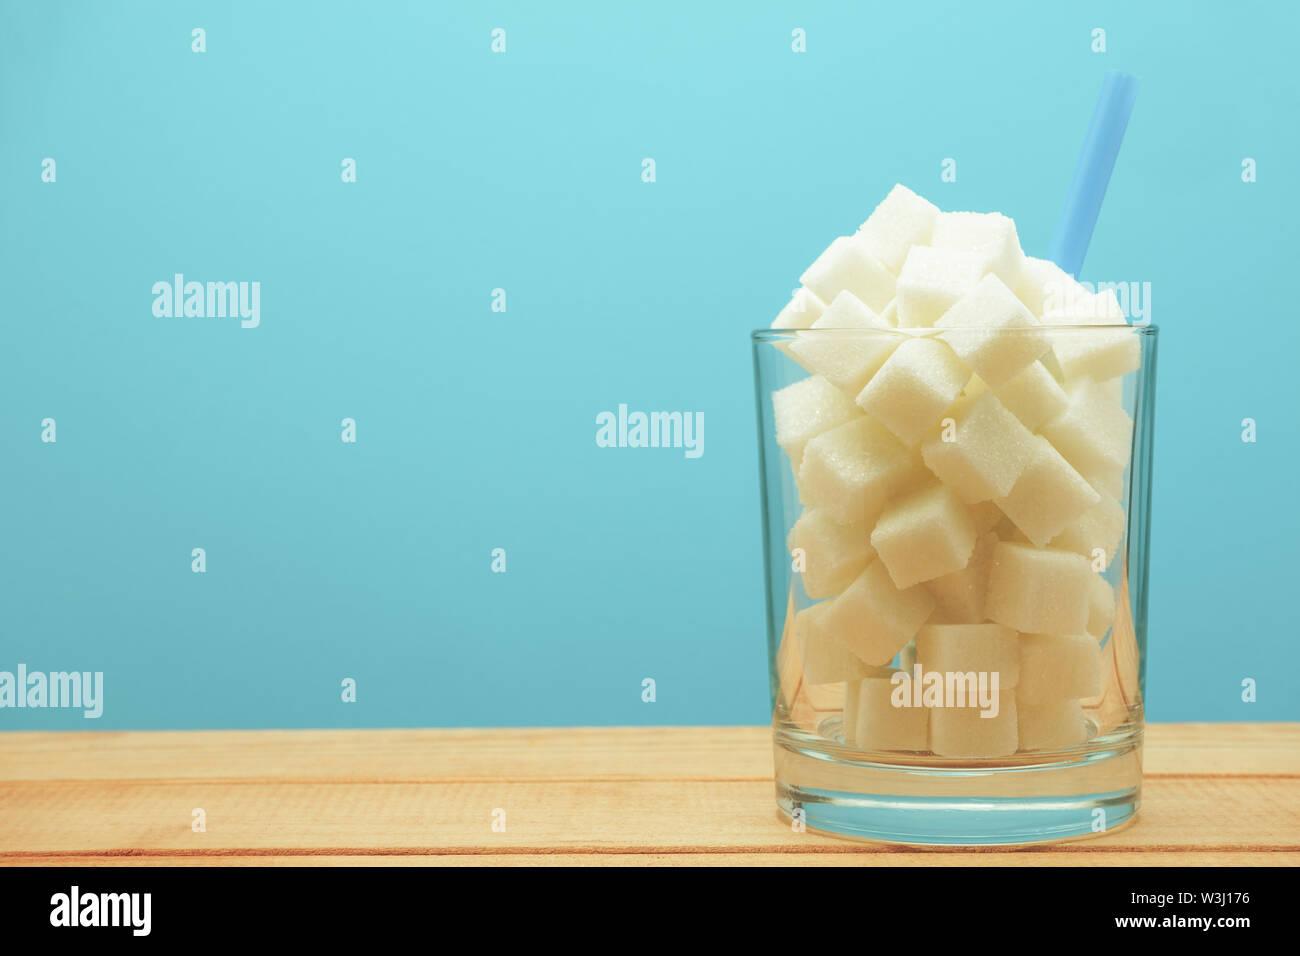 Verre de cubes de sucre avec de la paille sur une table en bois beau fond bleu - mauvaise alimentation concept. Photo Stock